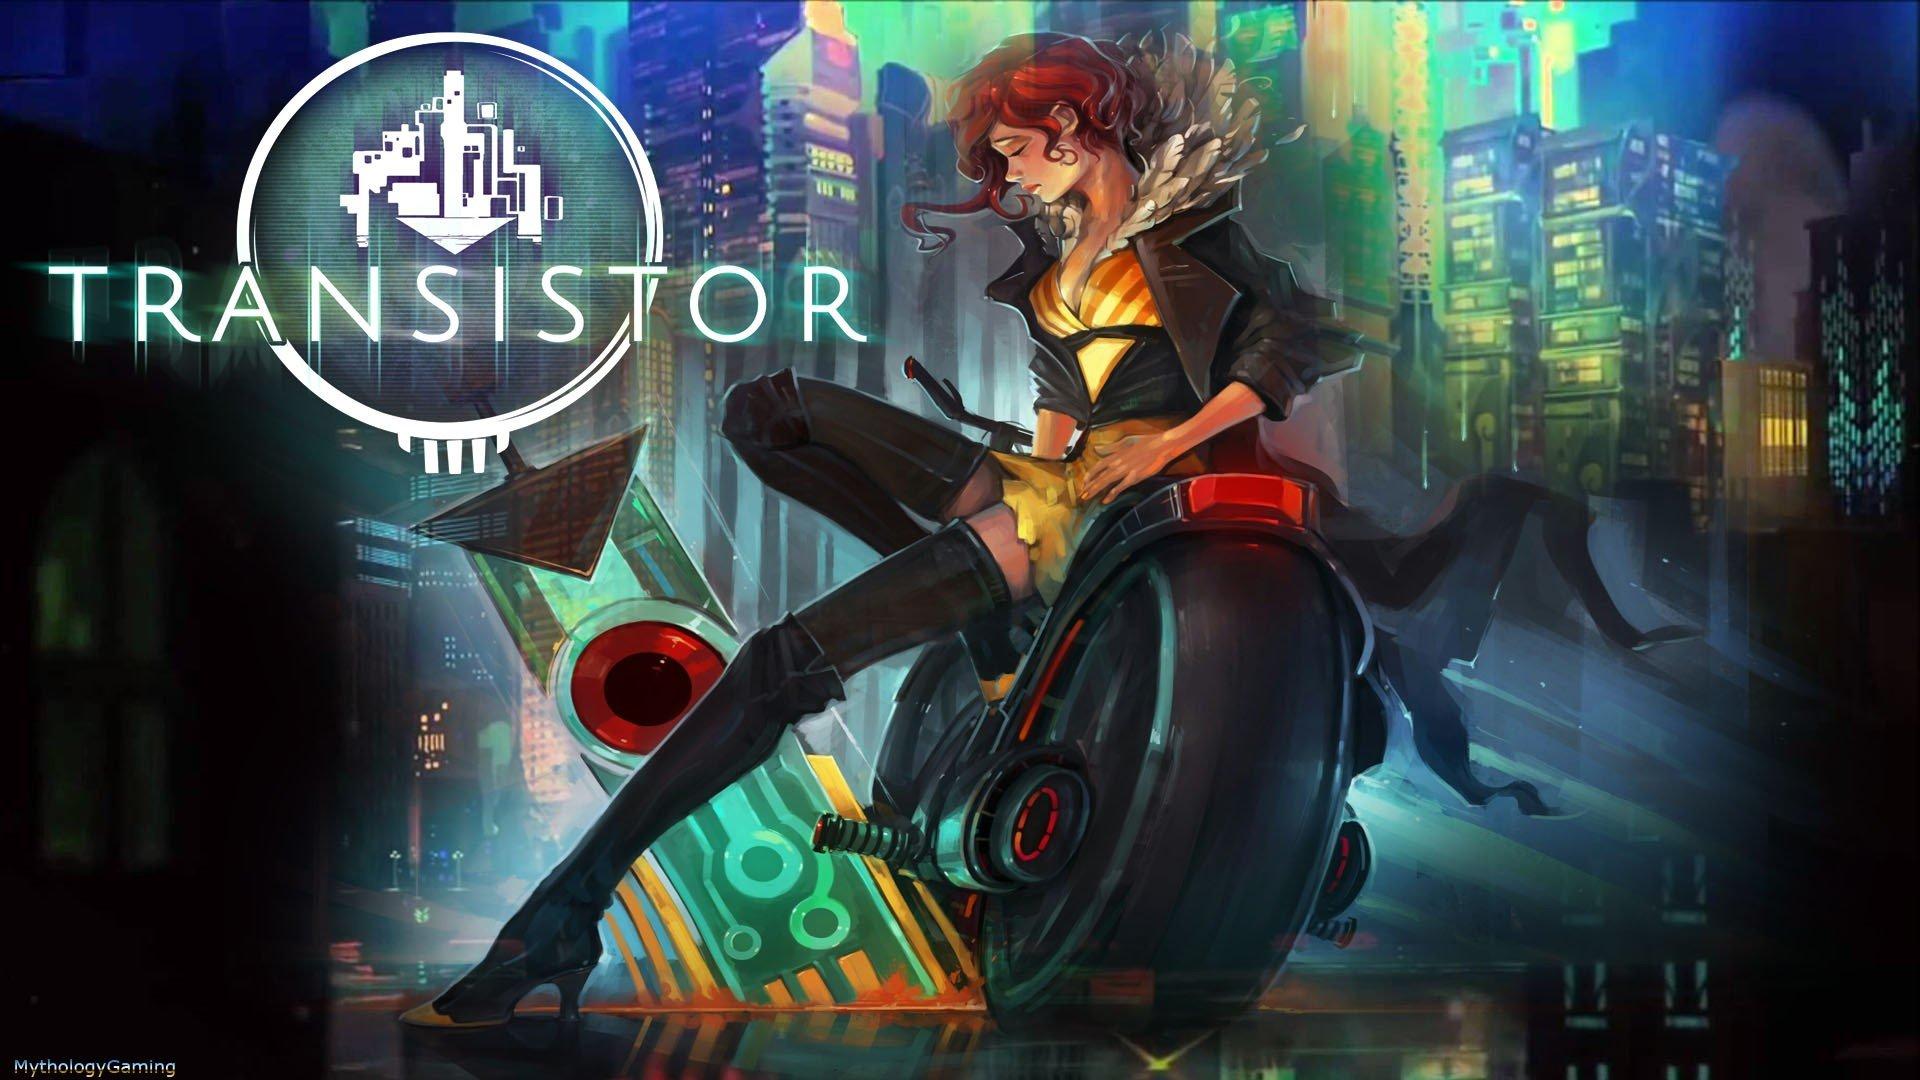 بازی Transistor برای مدت کوتاهی در فروشگاه اپیک رایگان شد